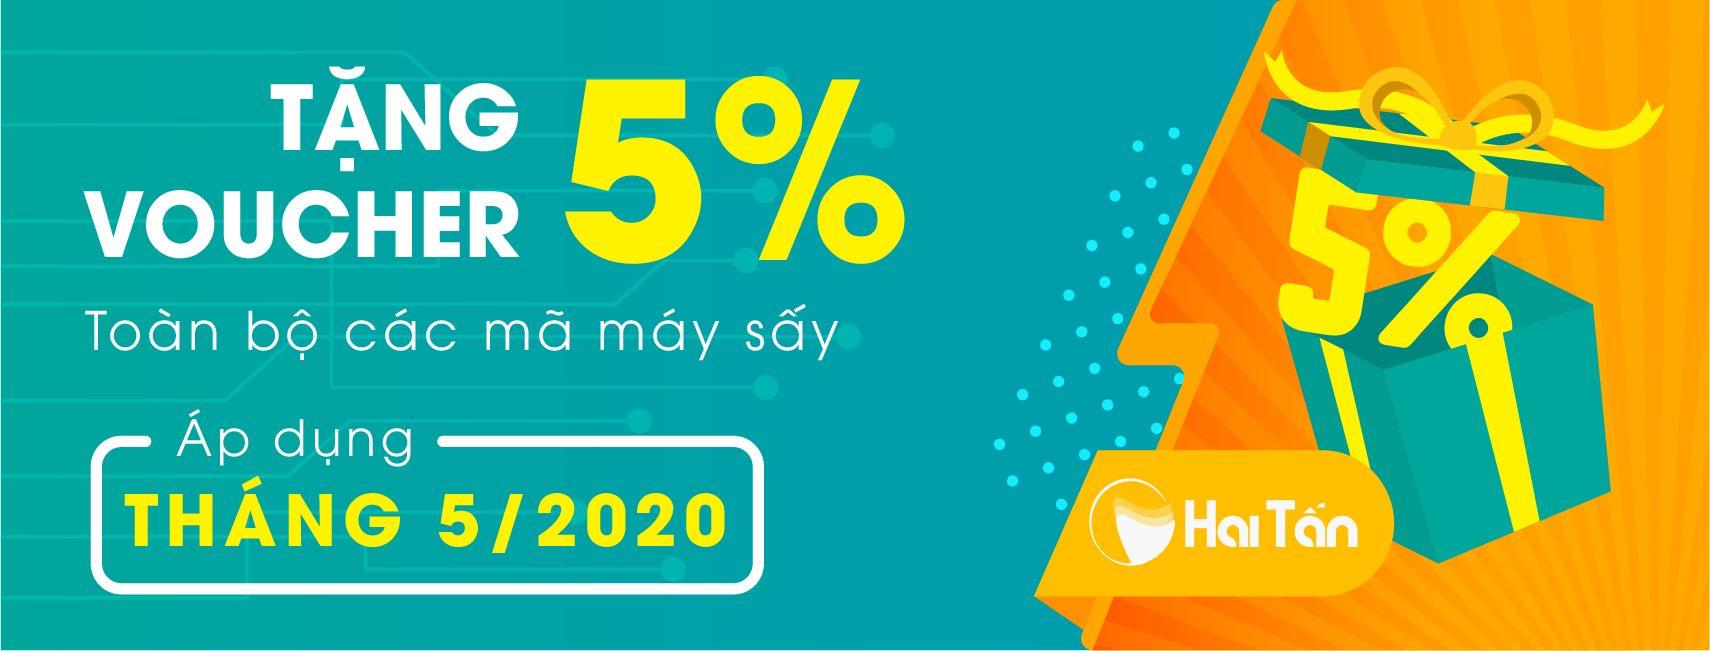 Ưu đãi lớn trong tháng 5/2020 tại Máy sấy Hai Tấn